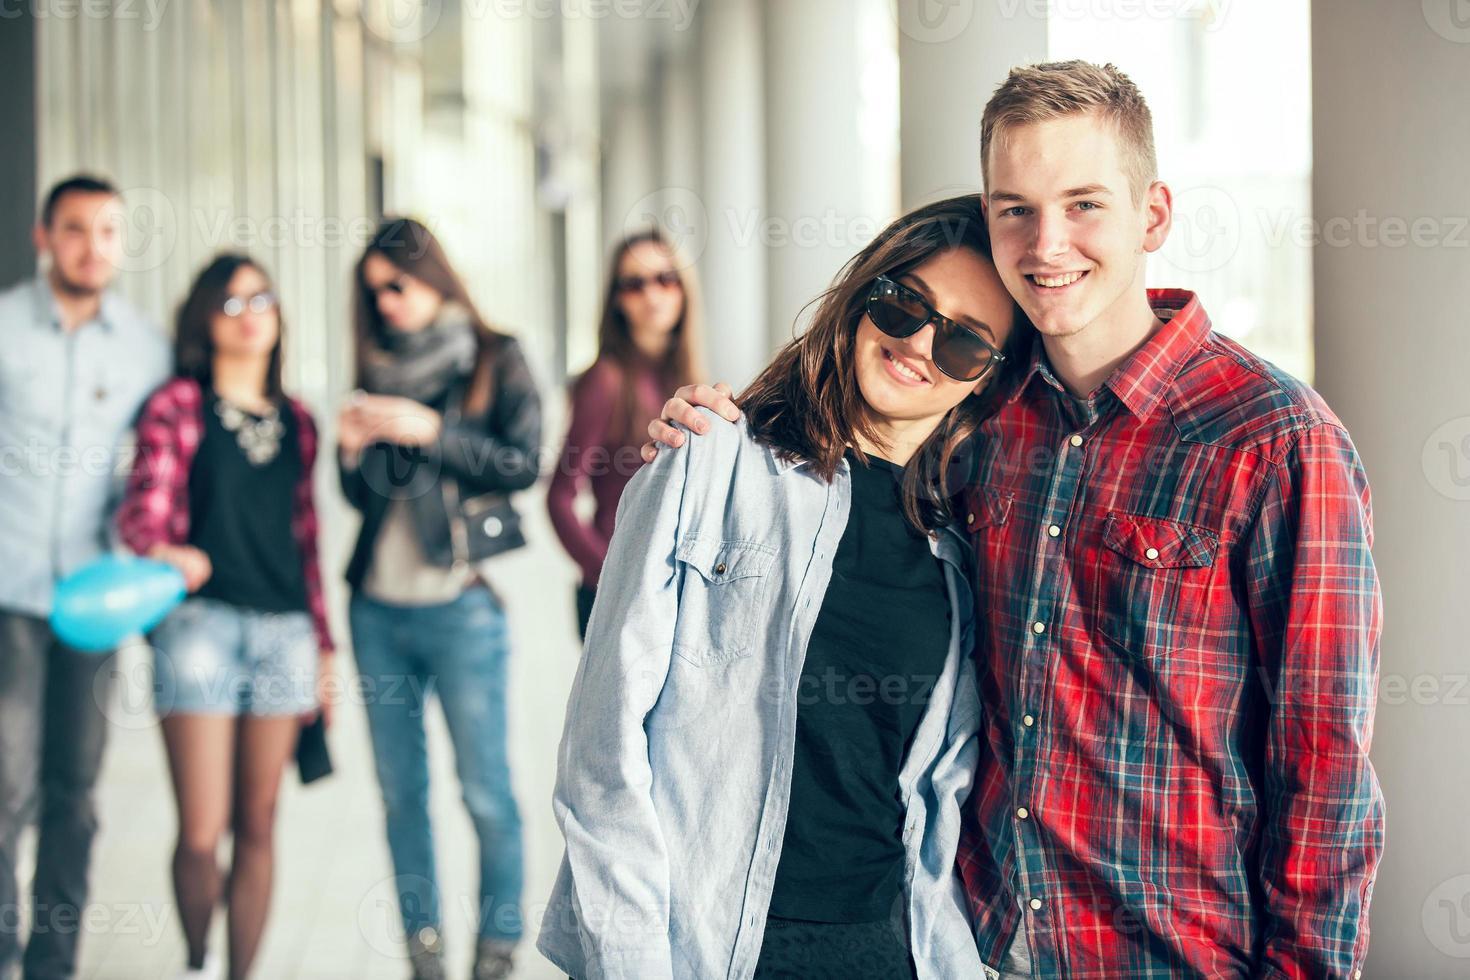 gruppo di amici adolescenti felici foto